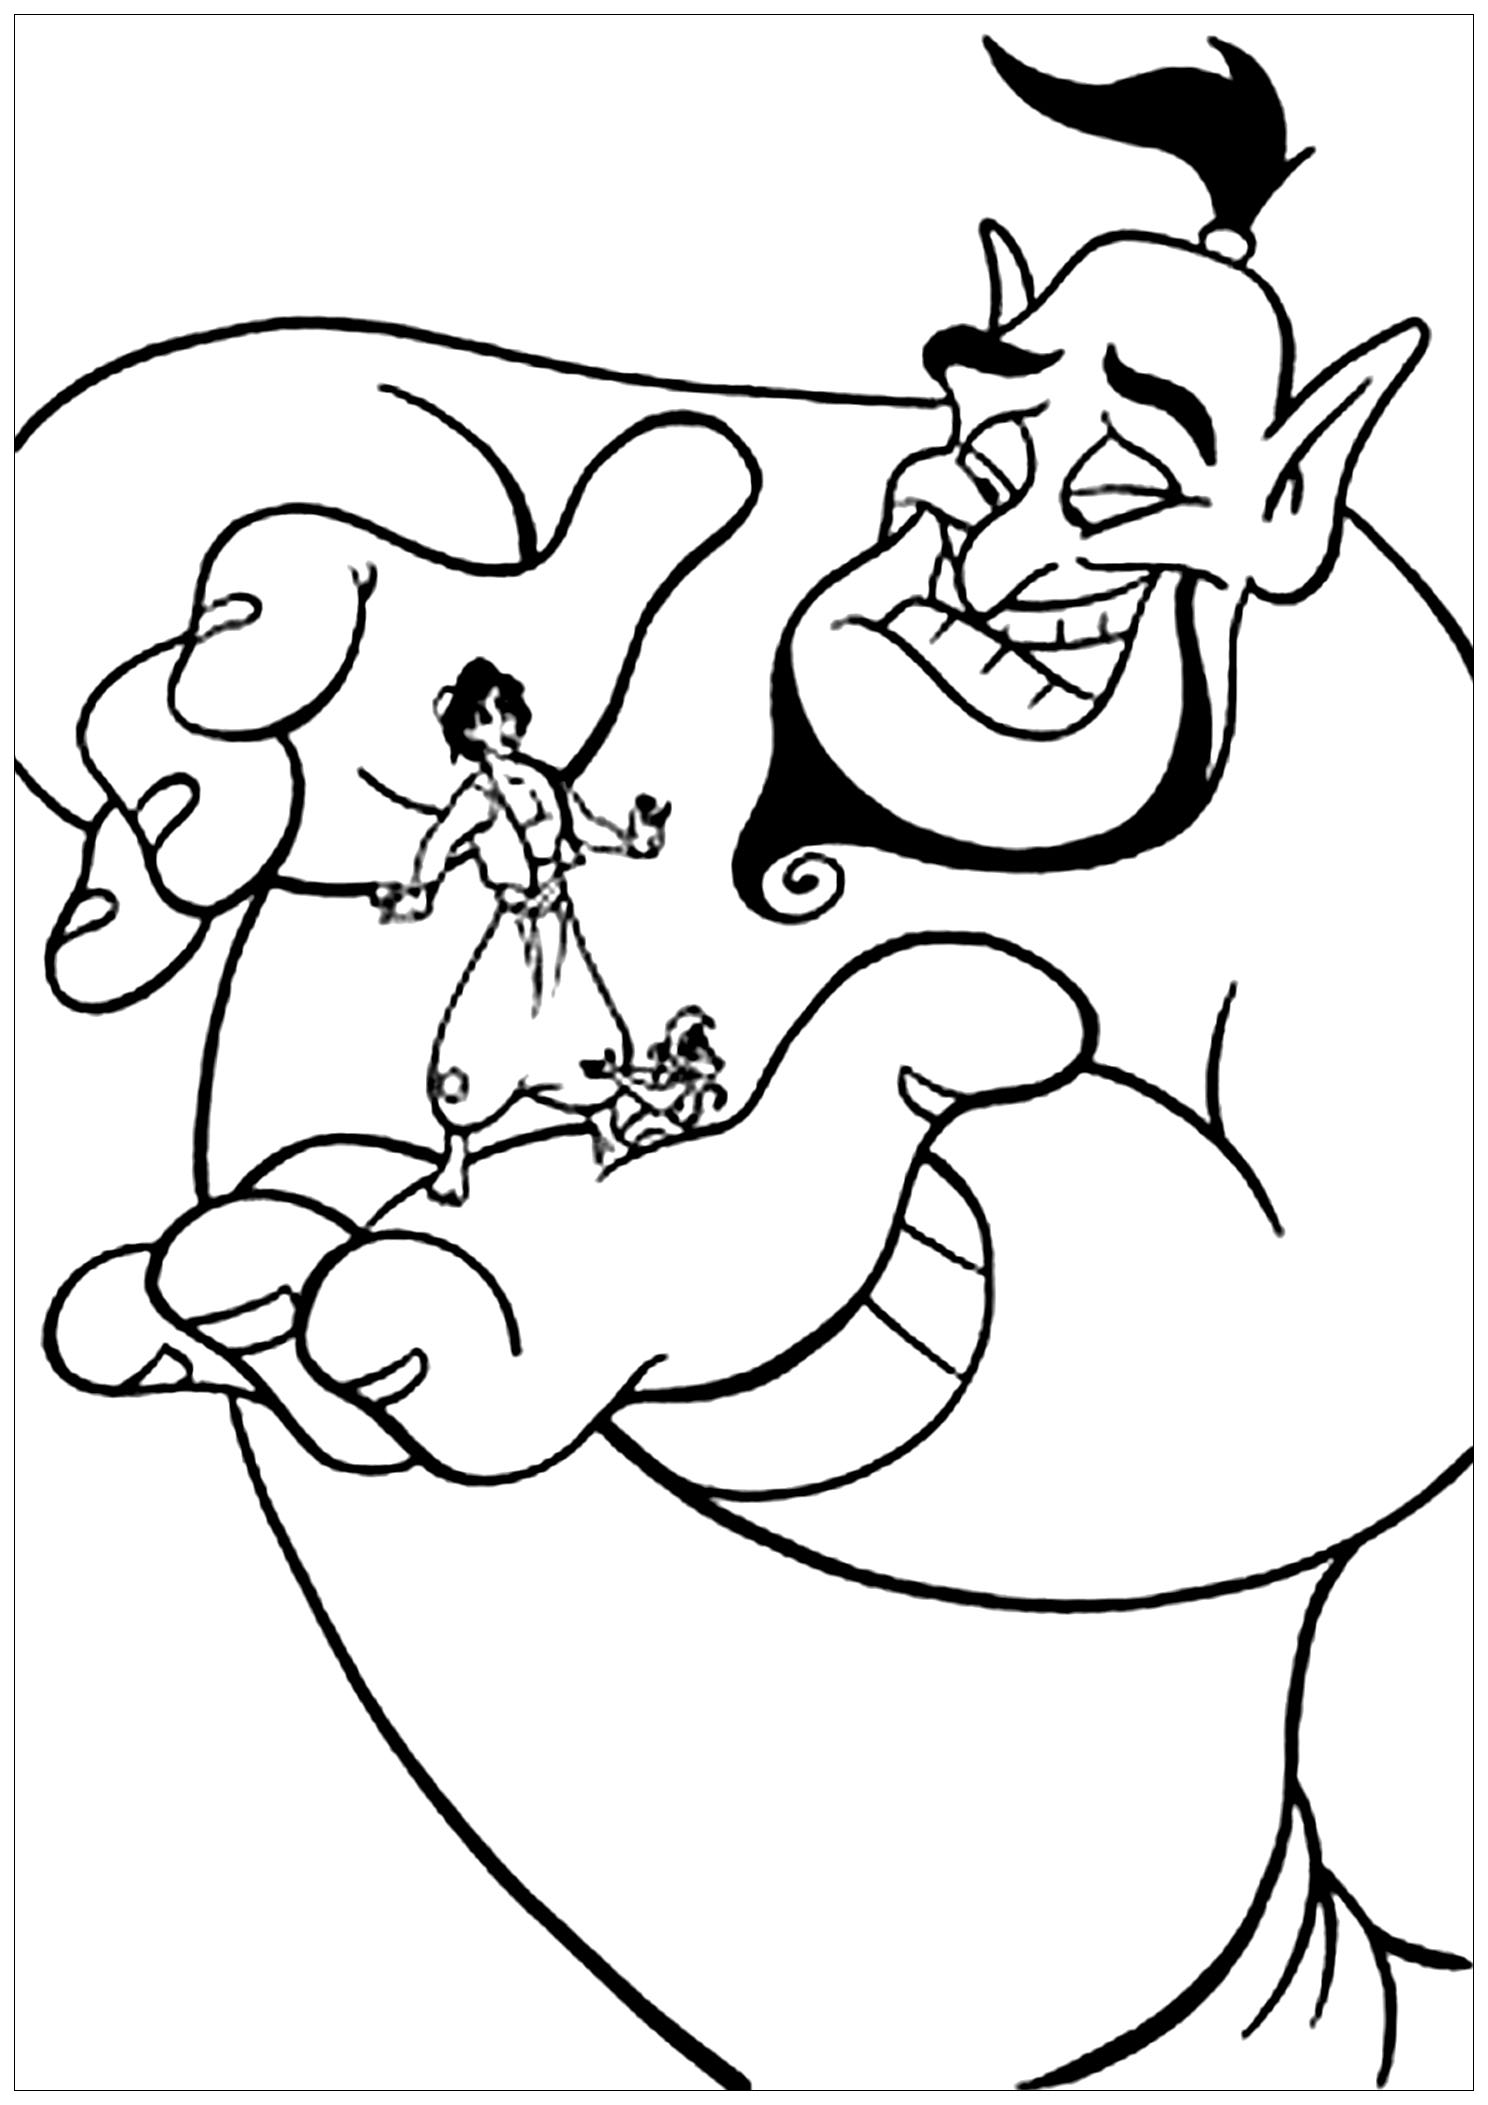 Aladdin And Jasmine To Print For Free Aladdin And Jasmine